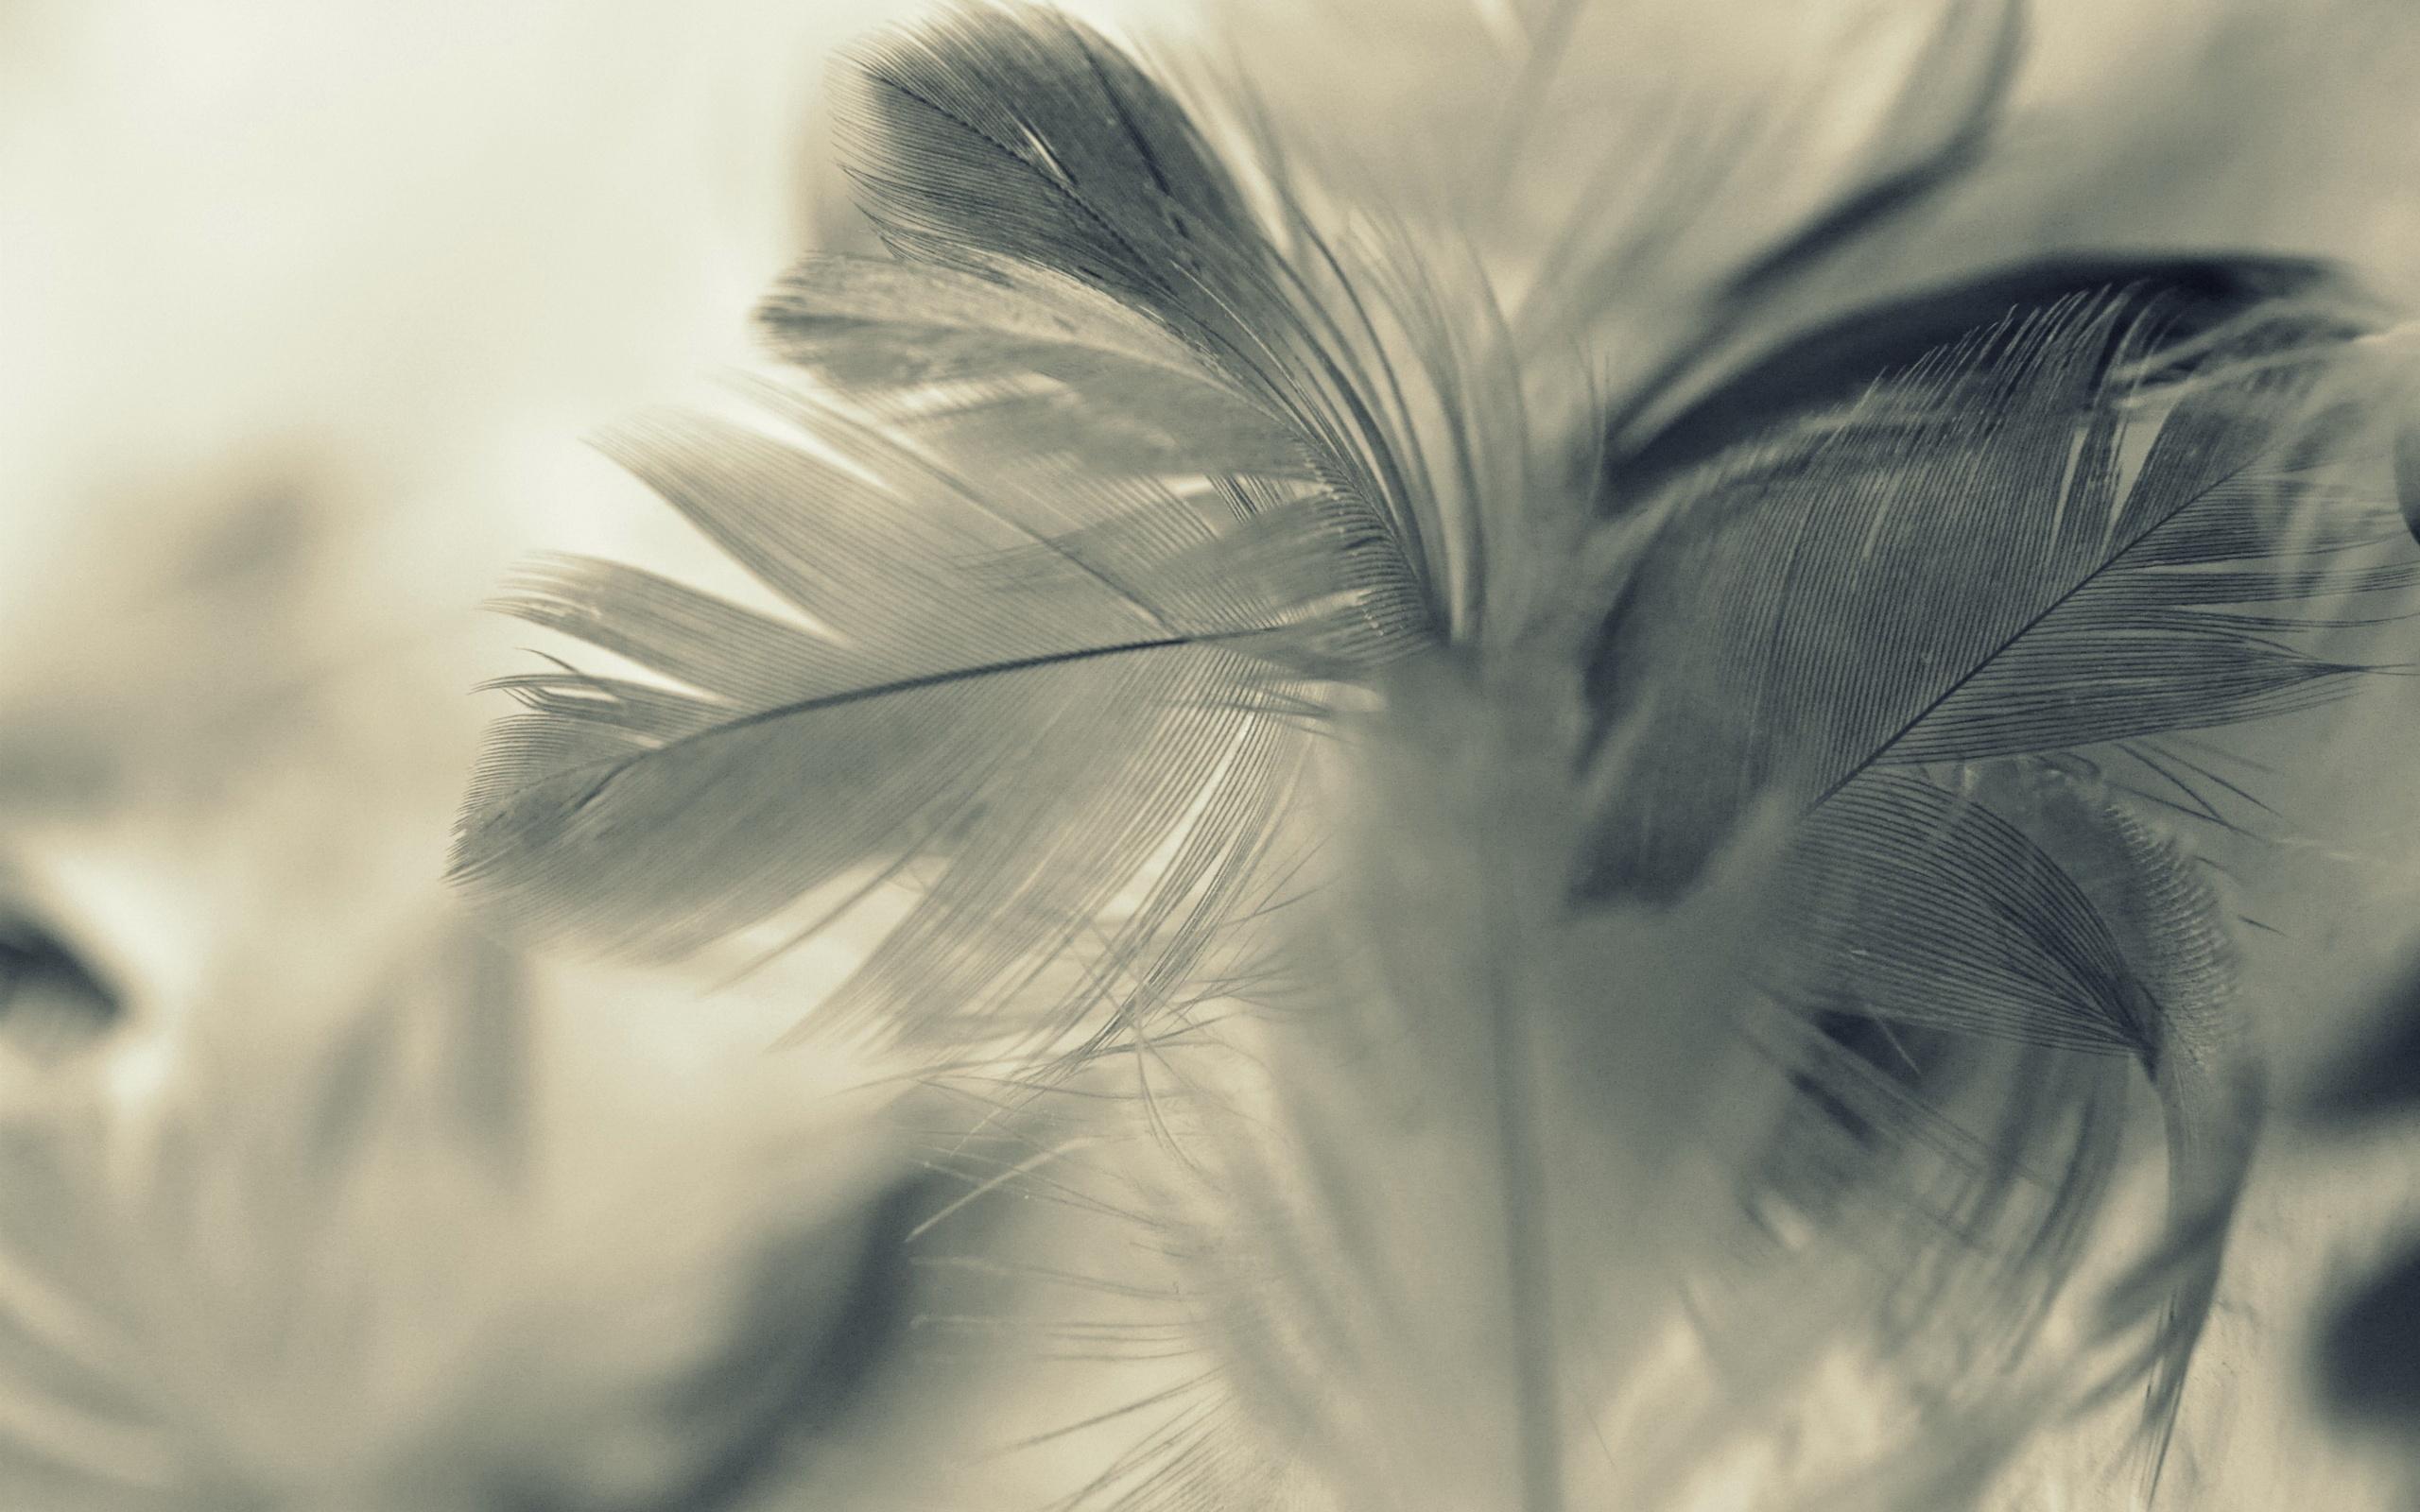 Feather Wallpaper Background 12717 2560x1600   uMadcom 2560x1600